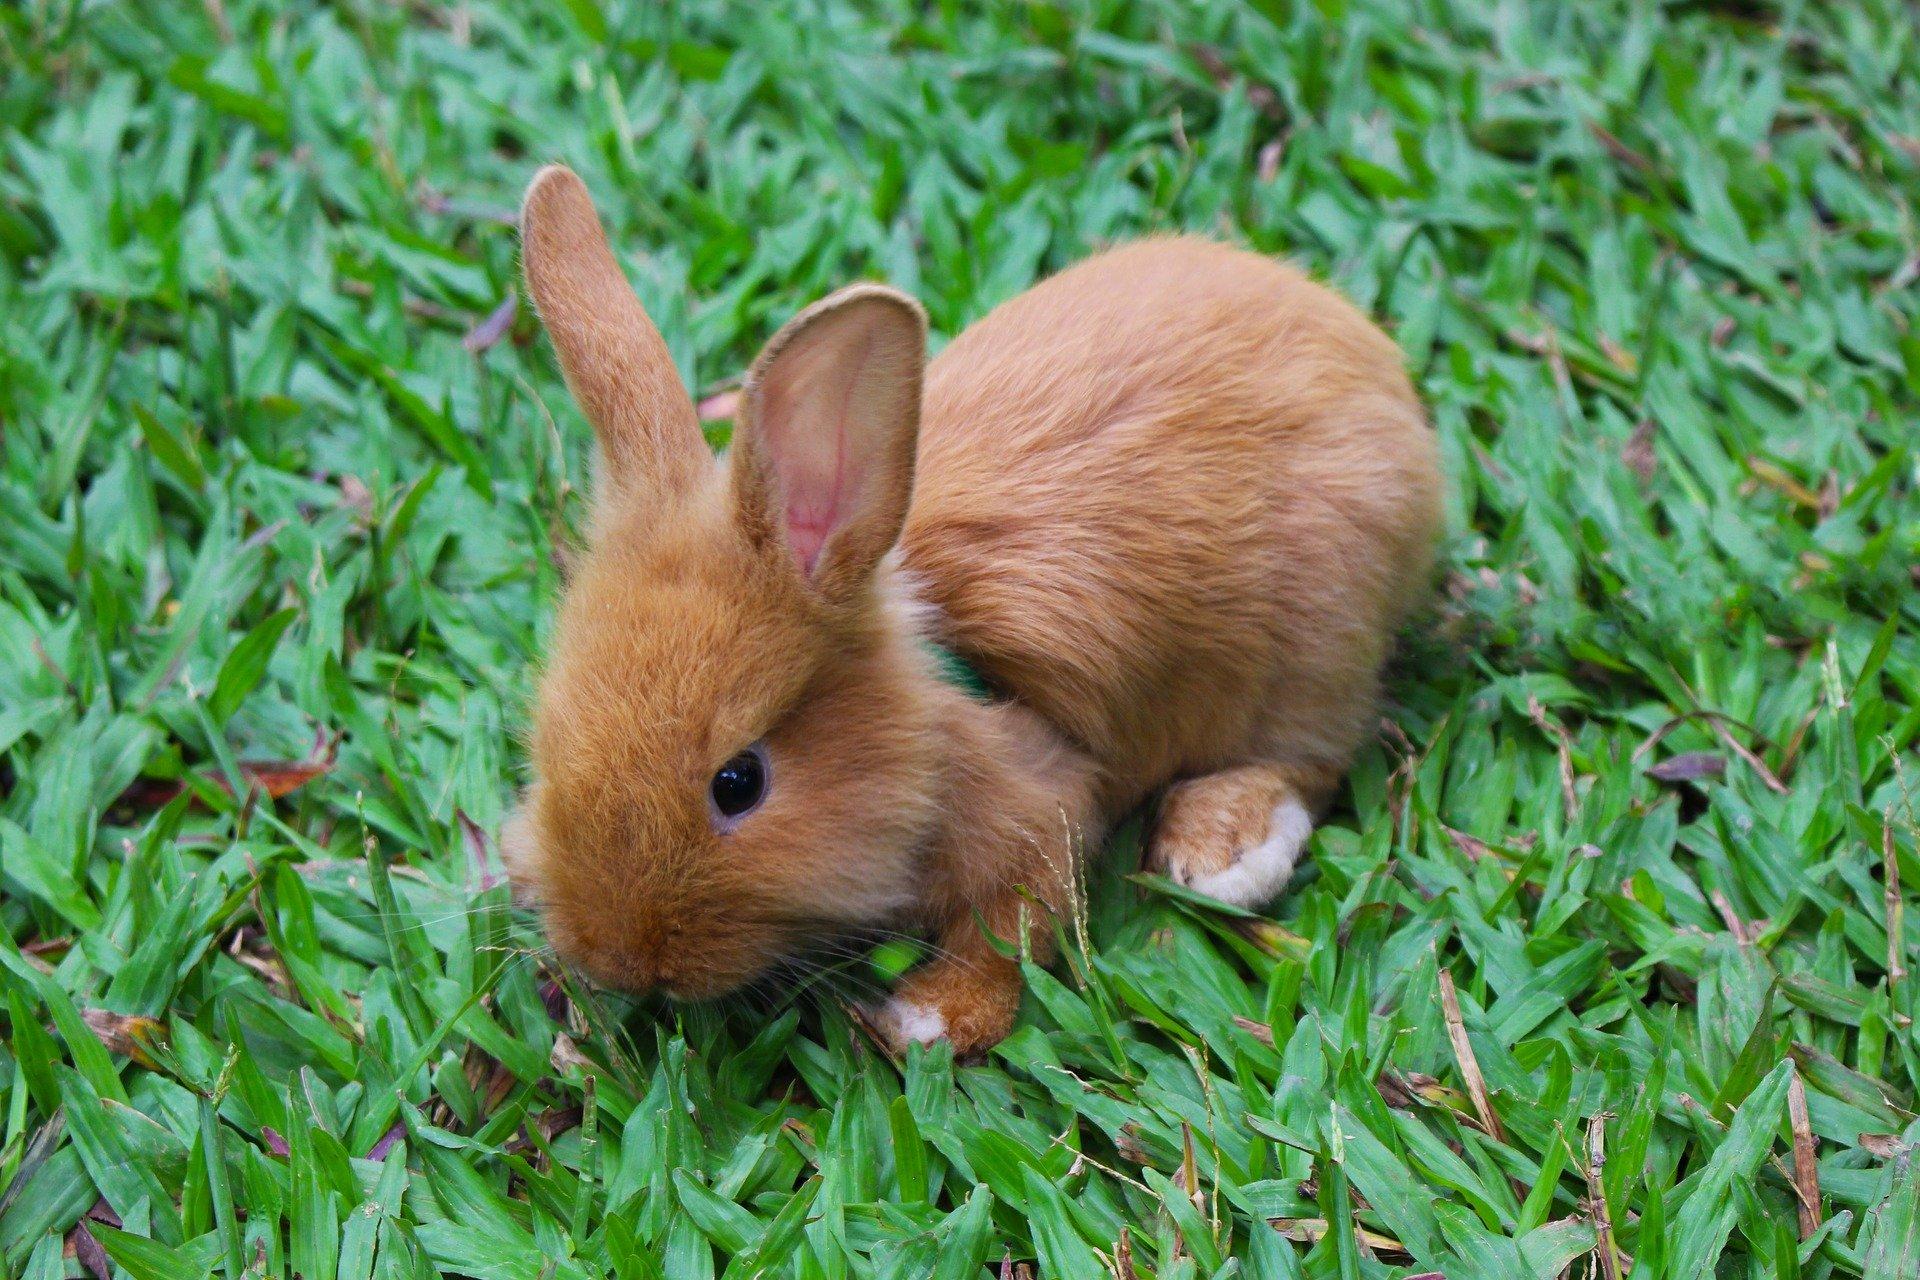 Razze di conigli: differenze e caratteristiche, coniglio nano